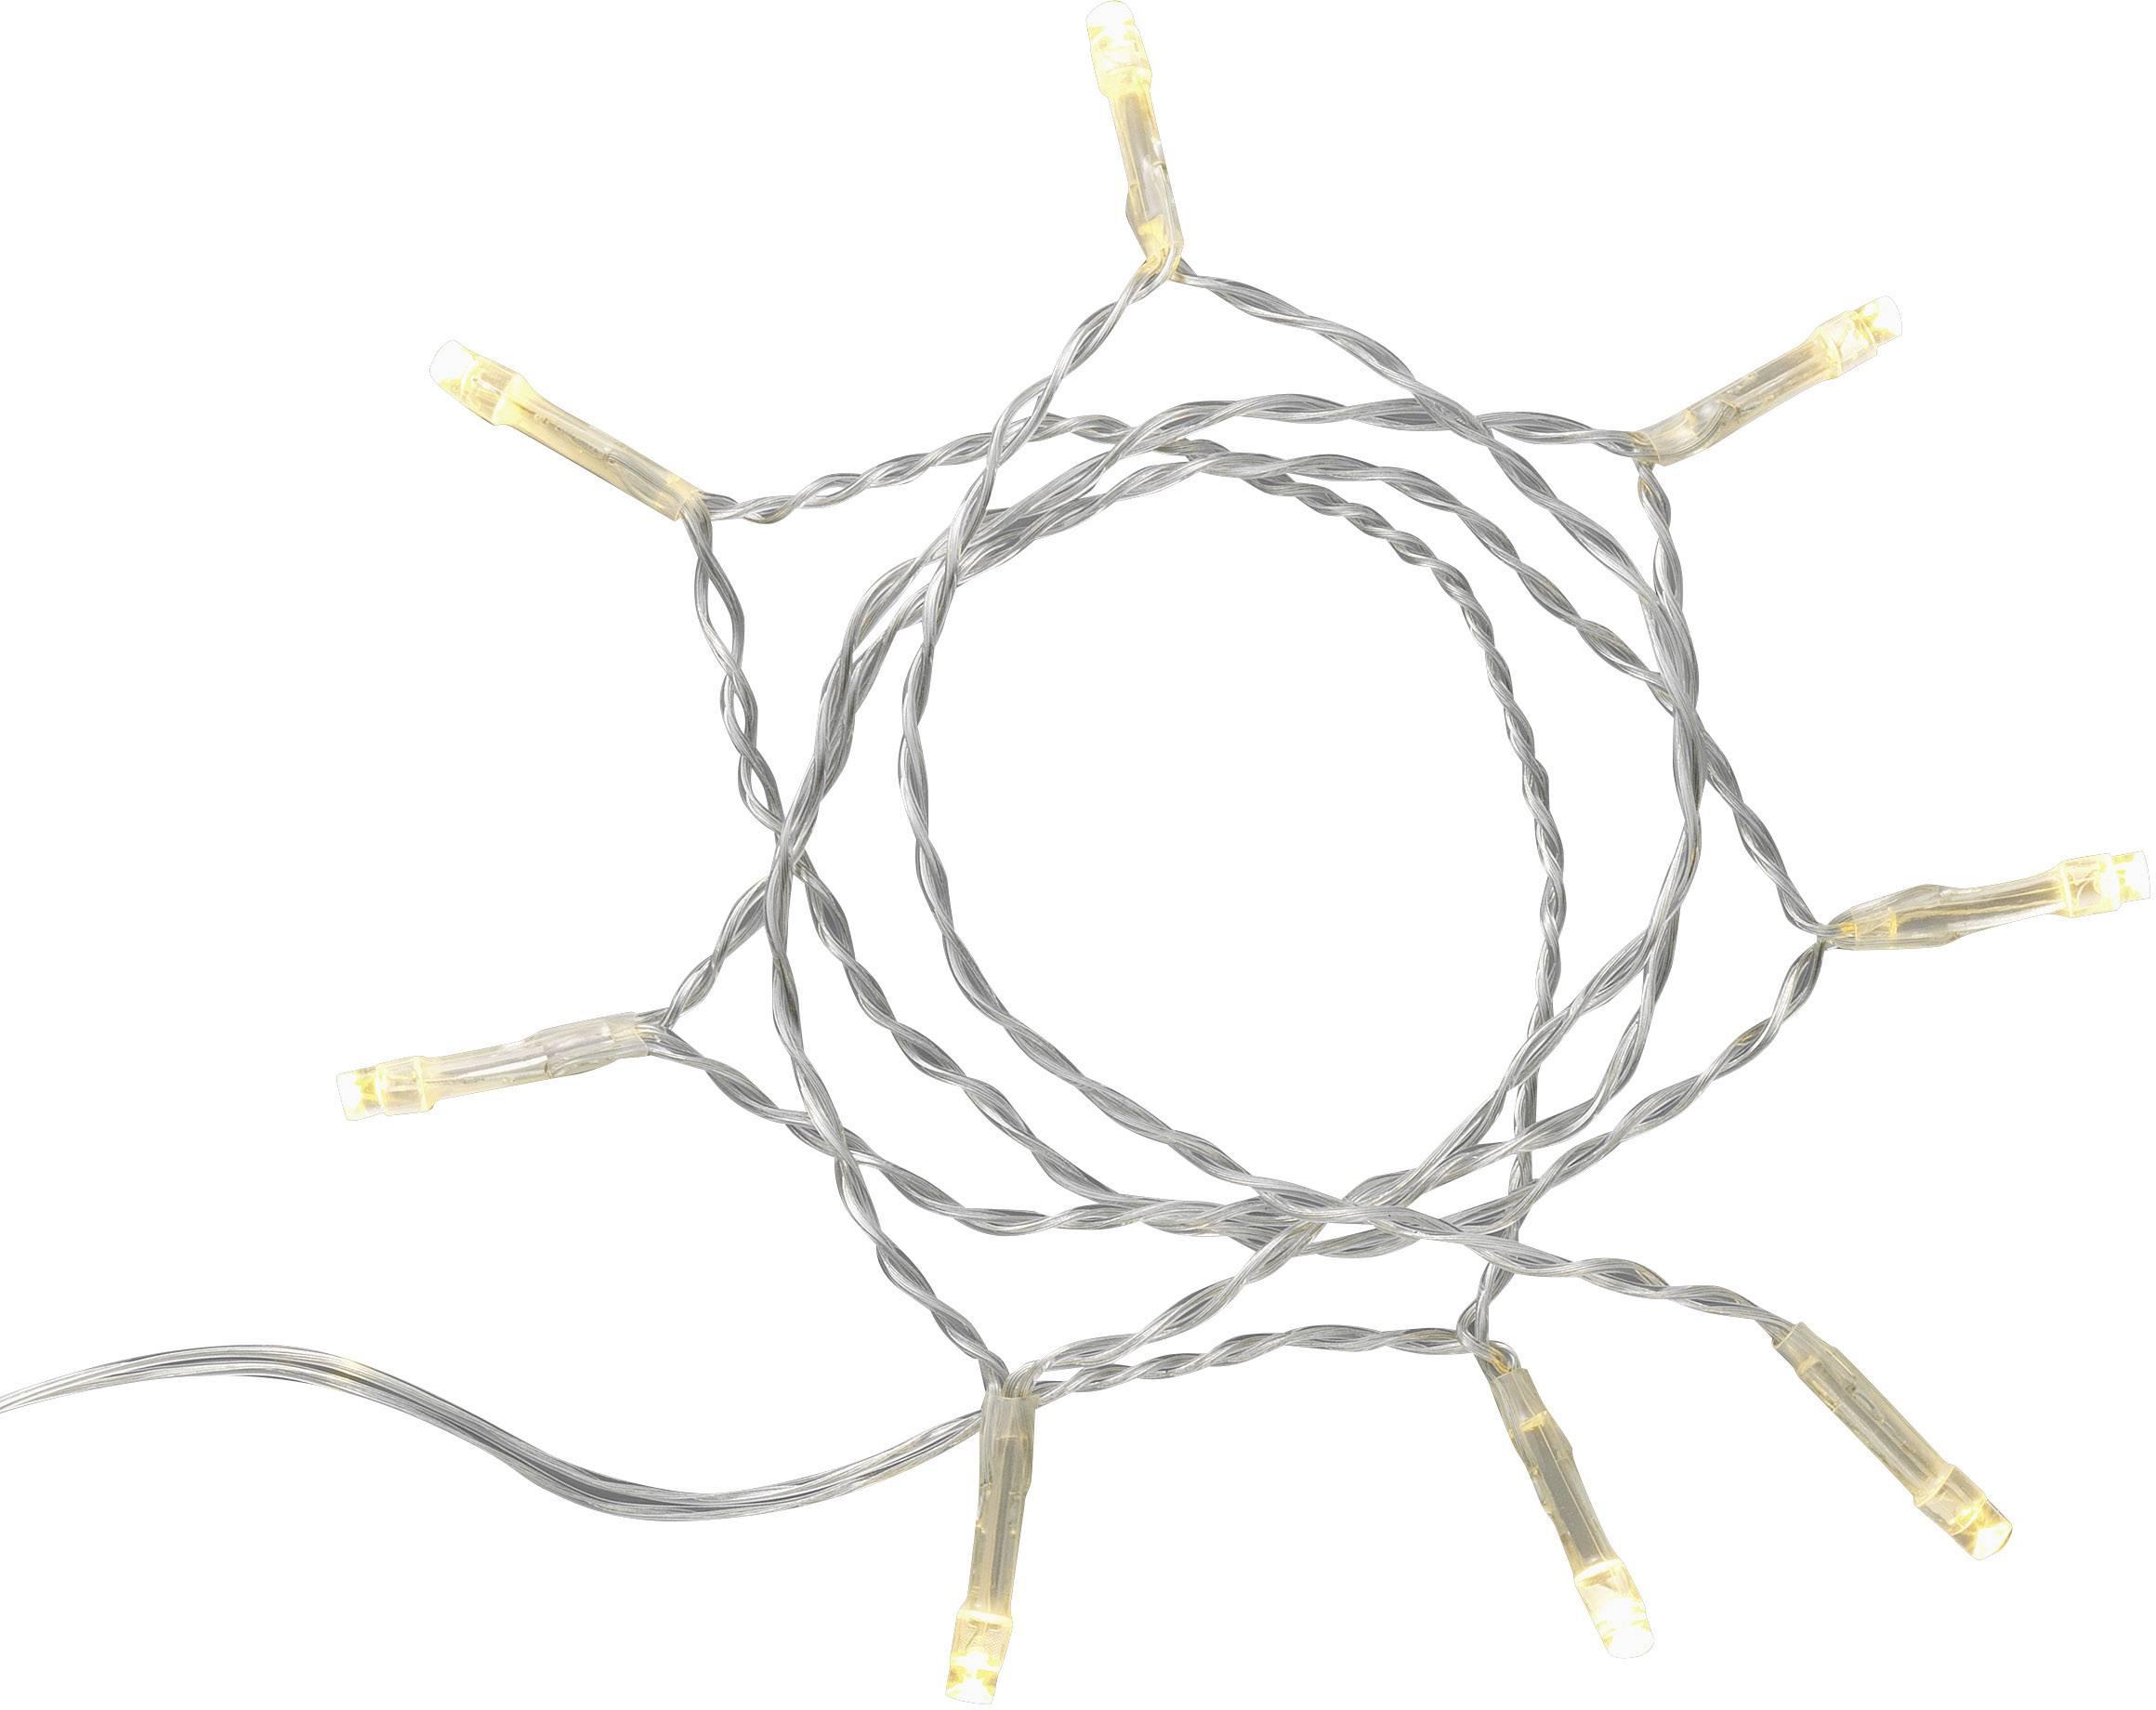 Vnitřní vánoční řetěz Polarlite DIY-01-003, do sítě, 8 LED, teplá bílá, 305 cm